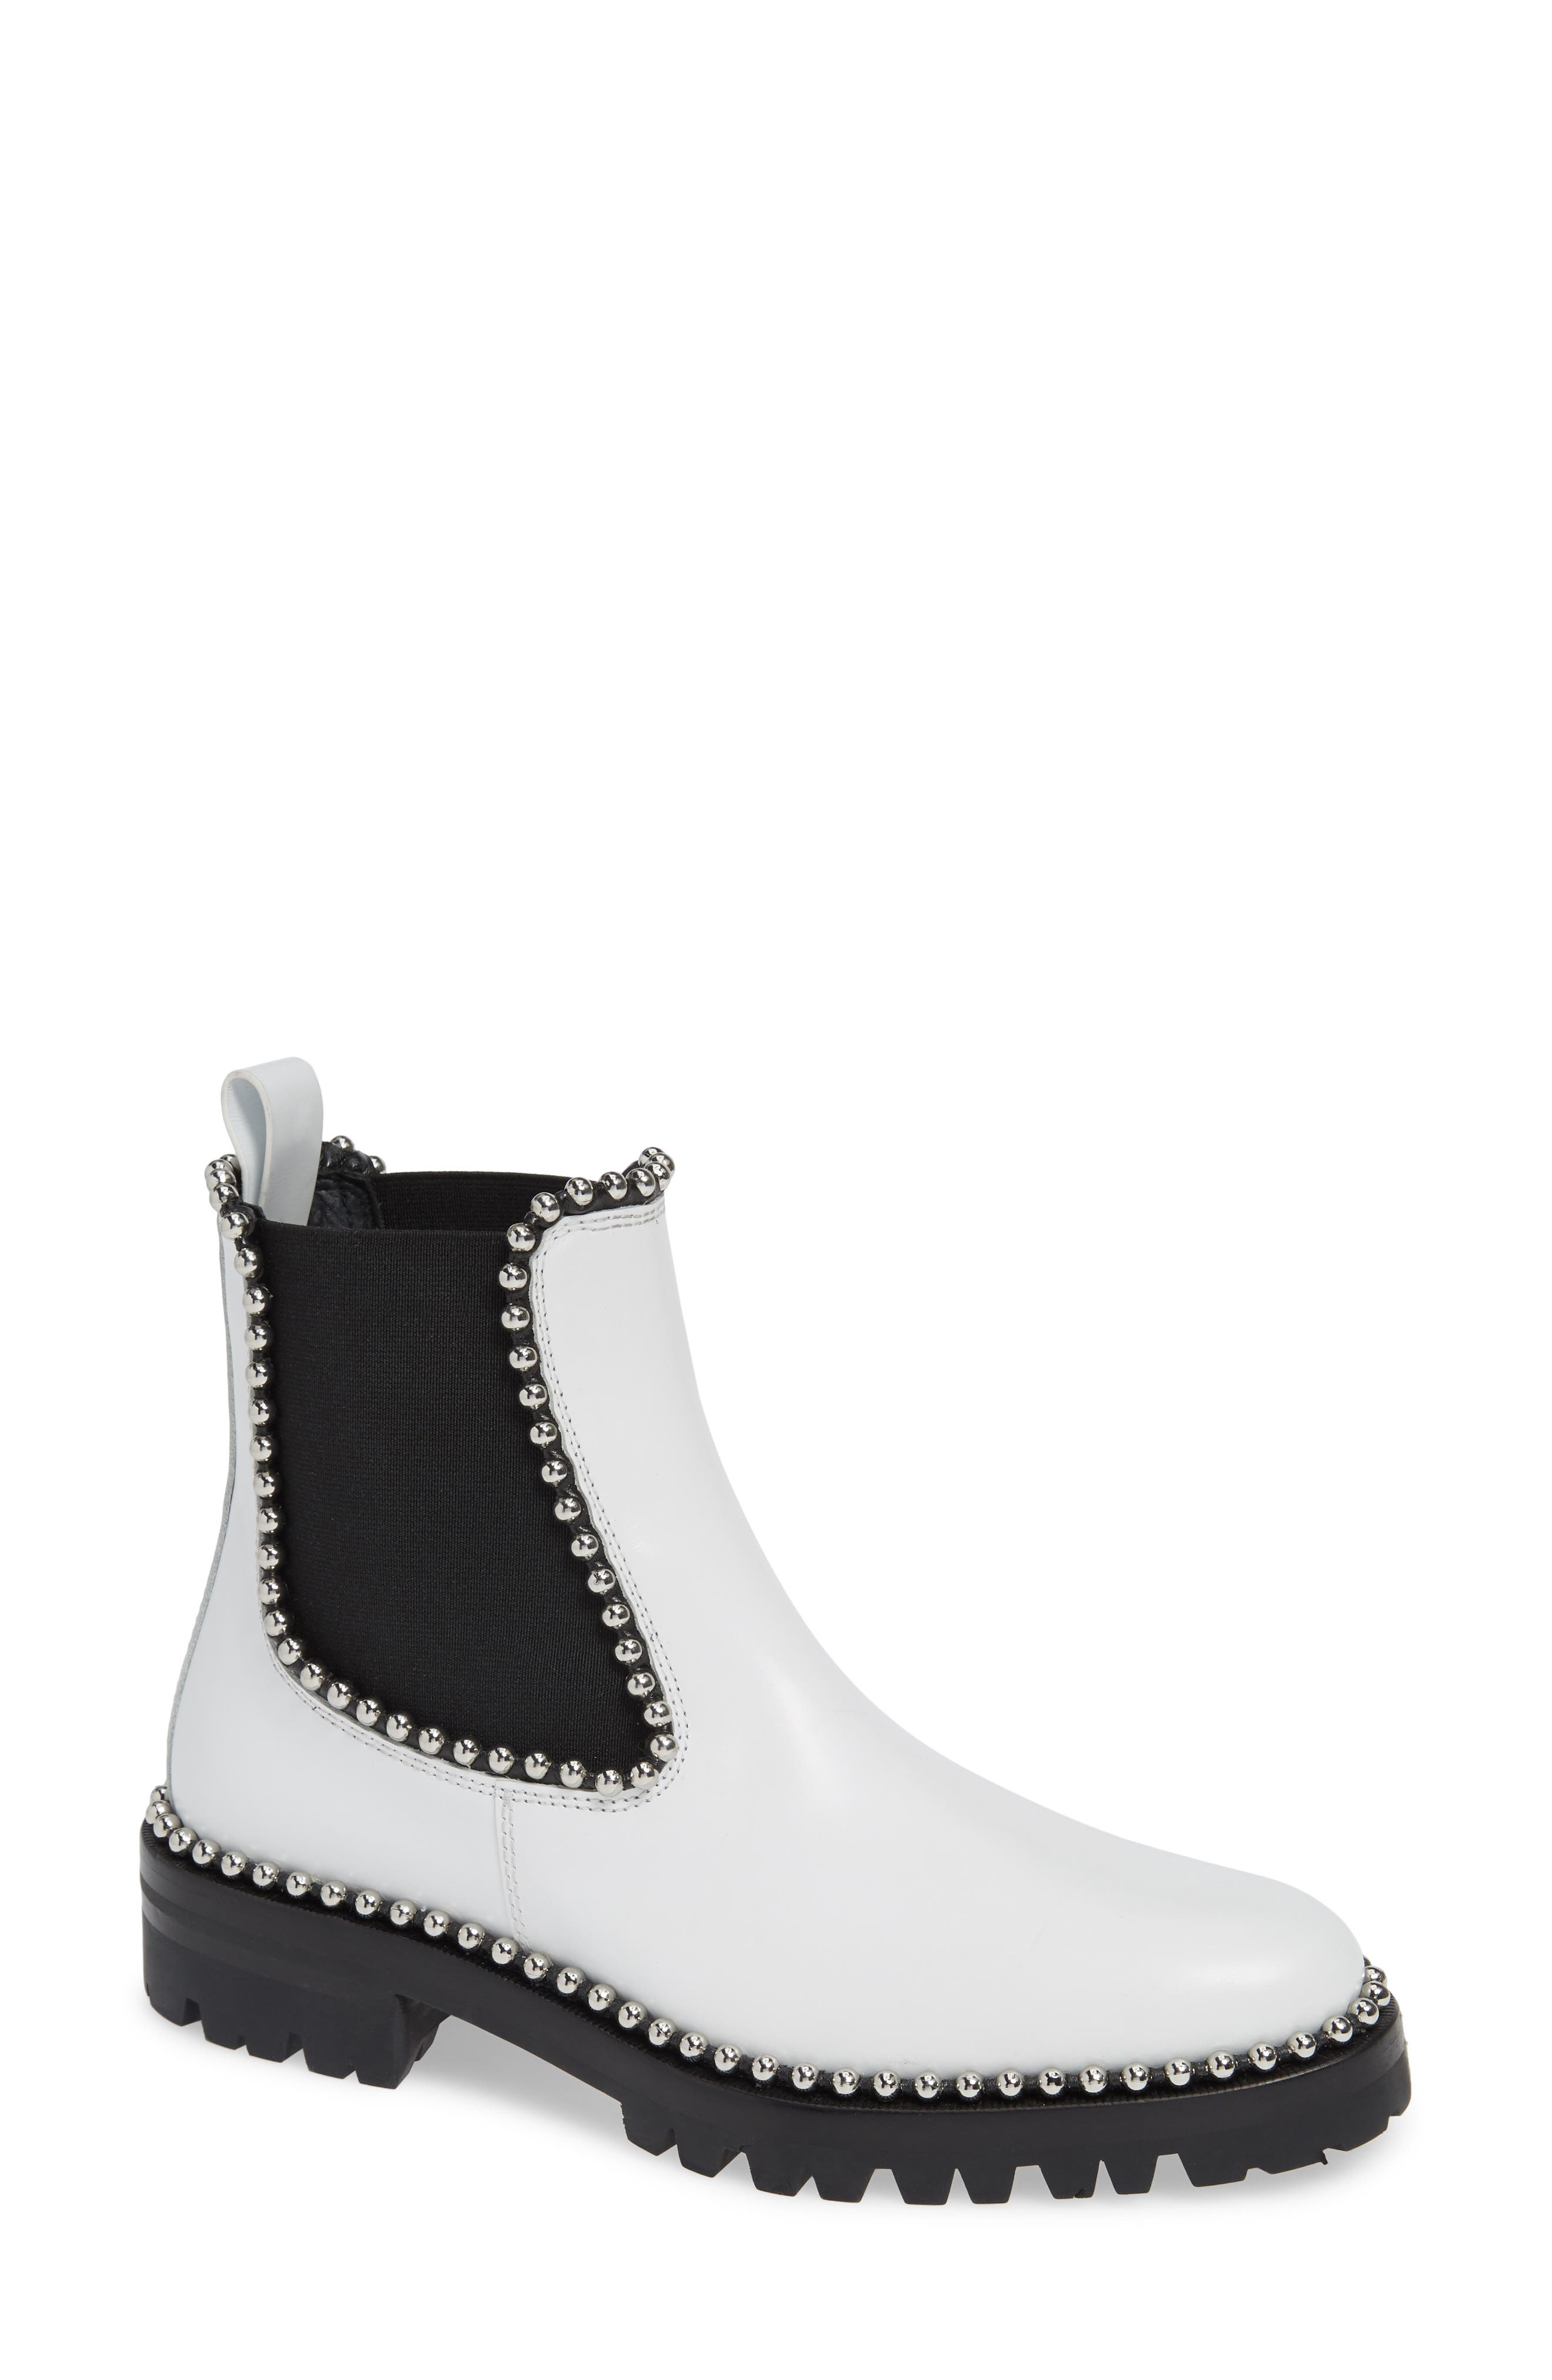 Alexander Wang Spencer Chelsea Boot - White